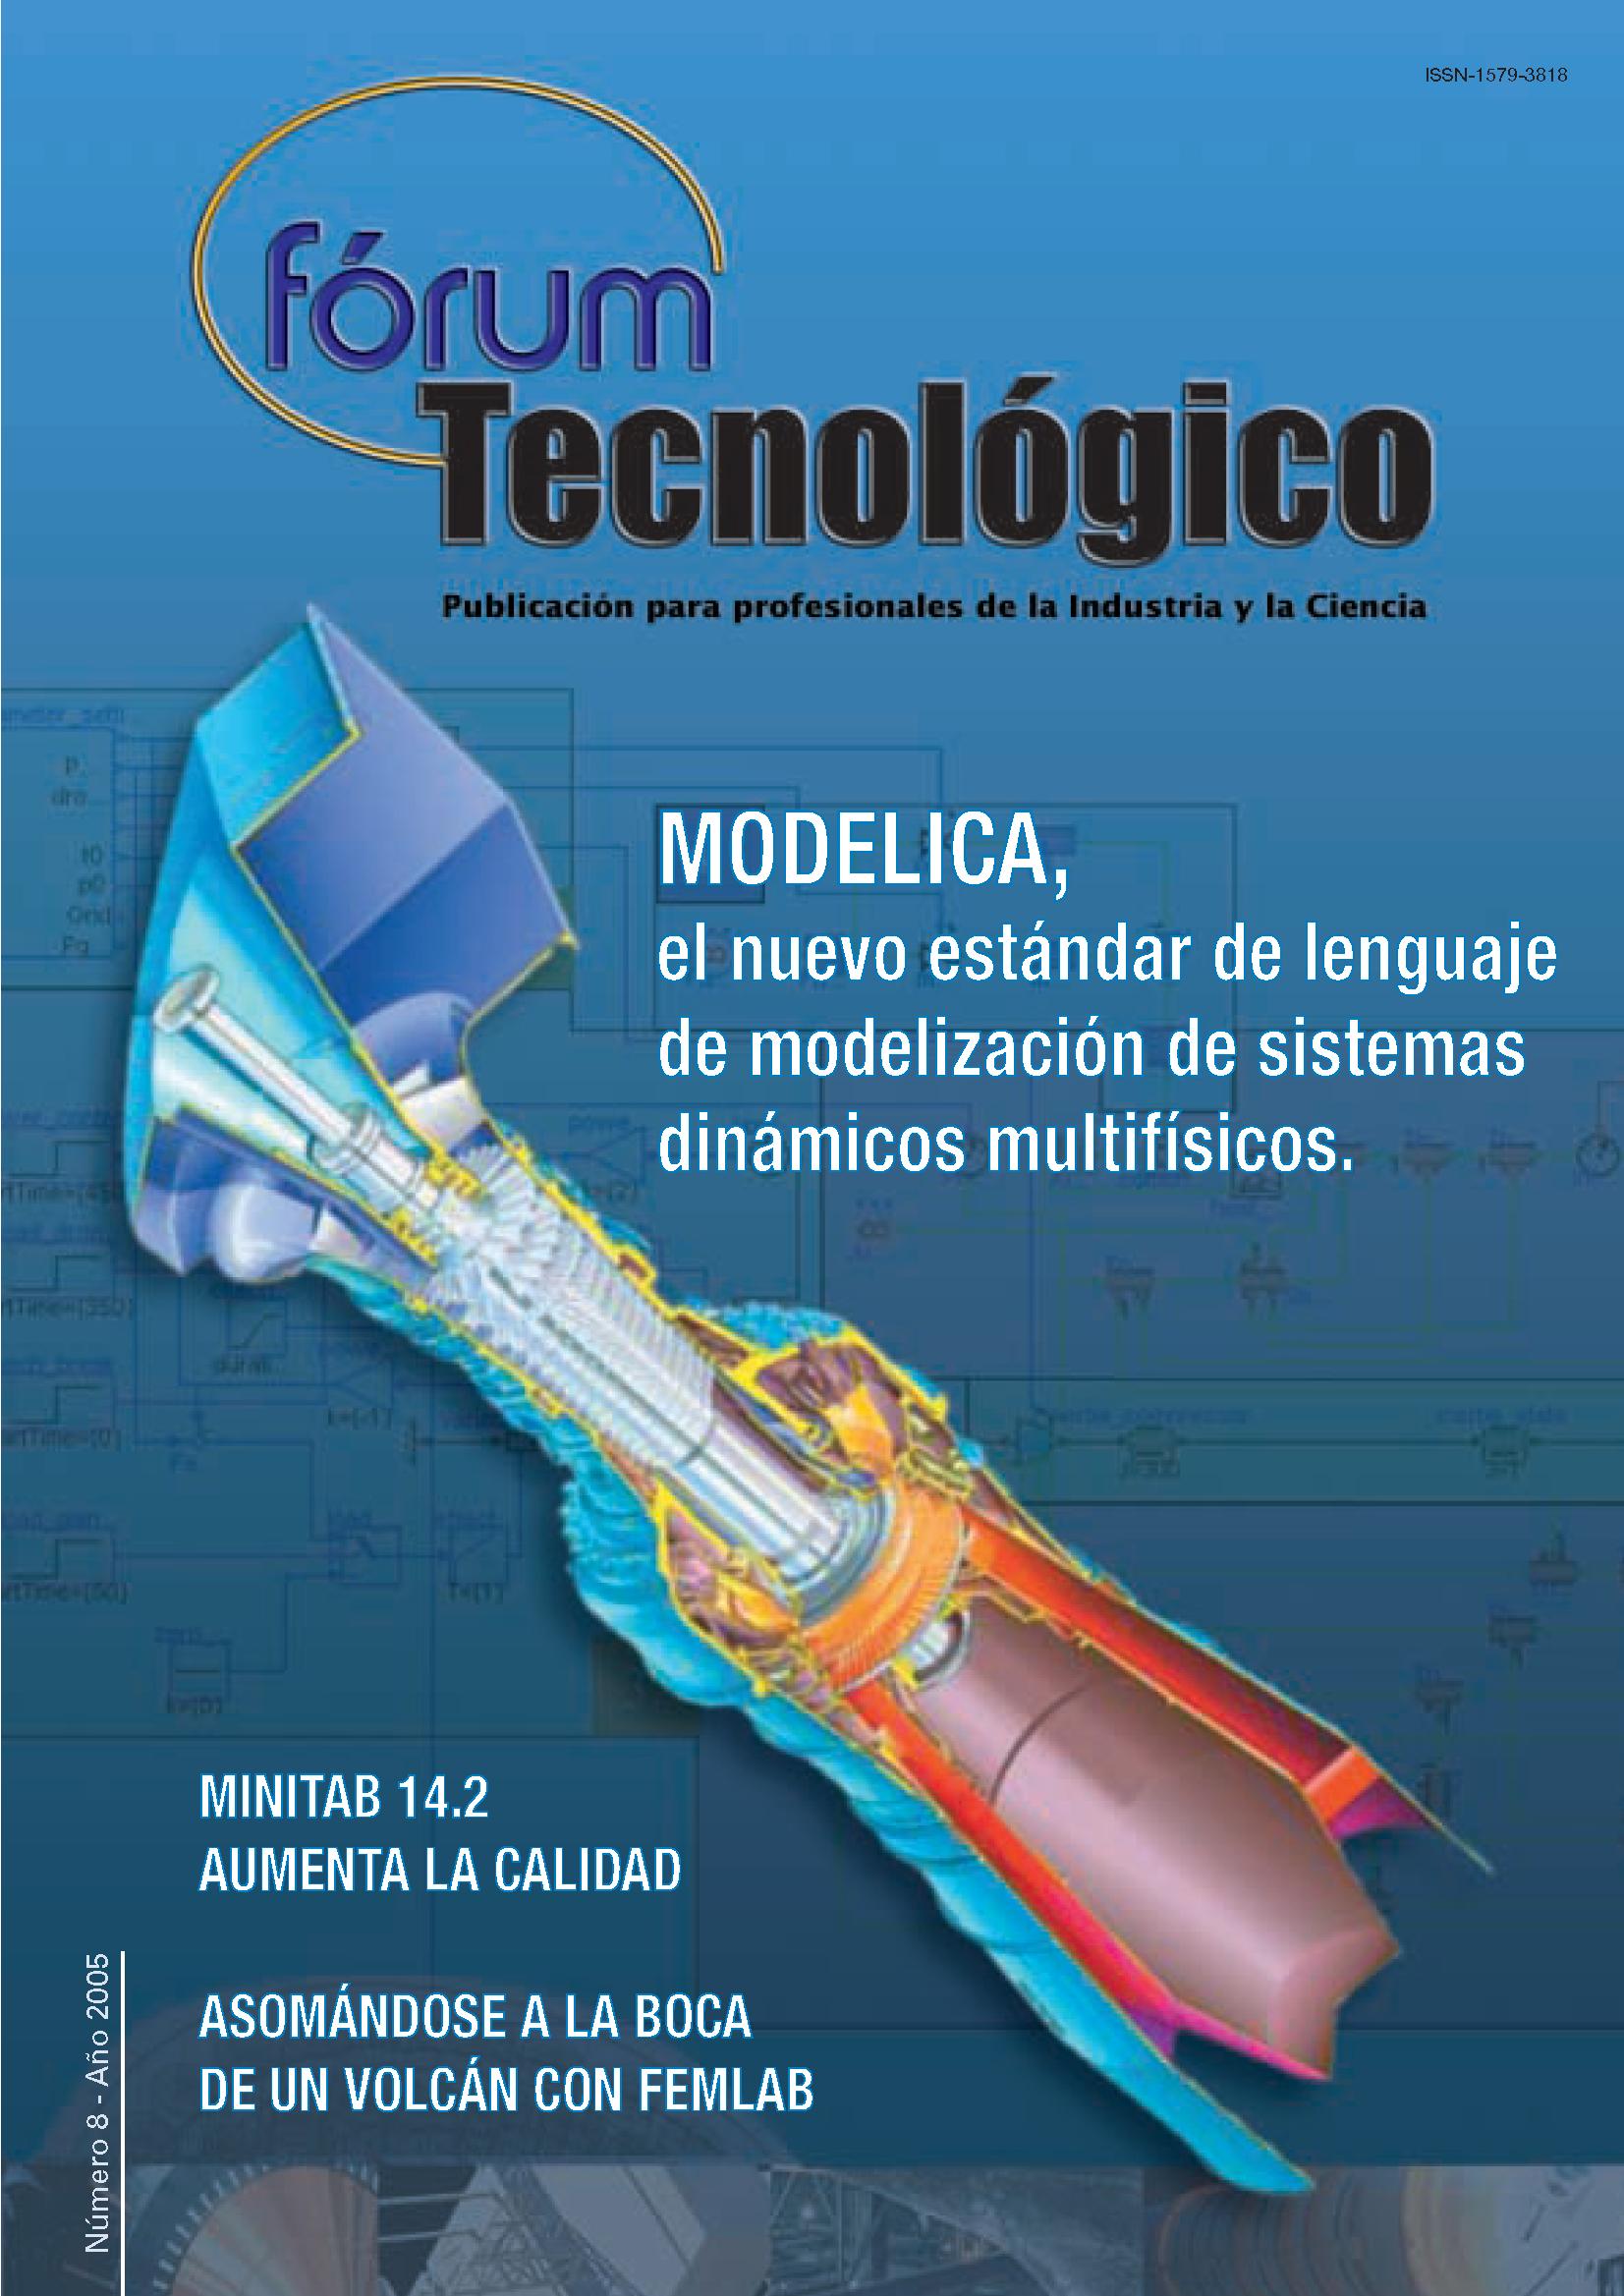 fórum Tecnológico 08 (año 2005)